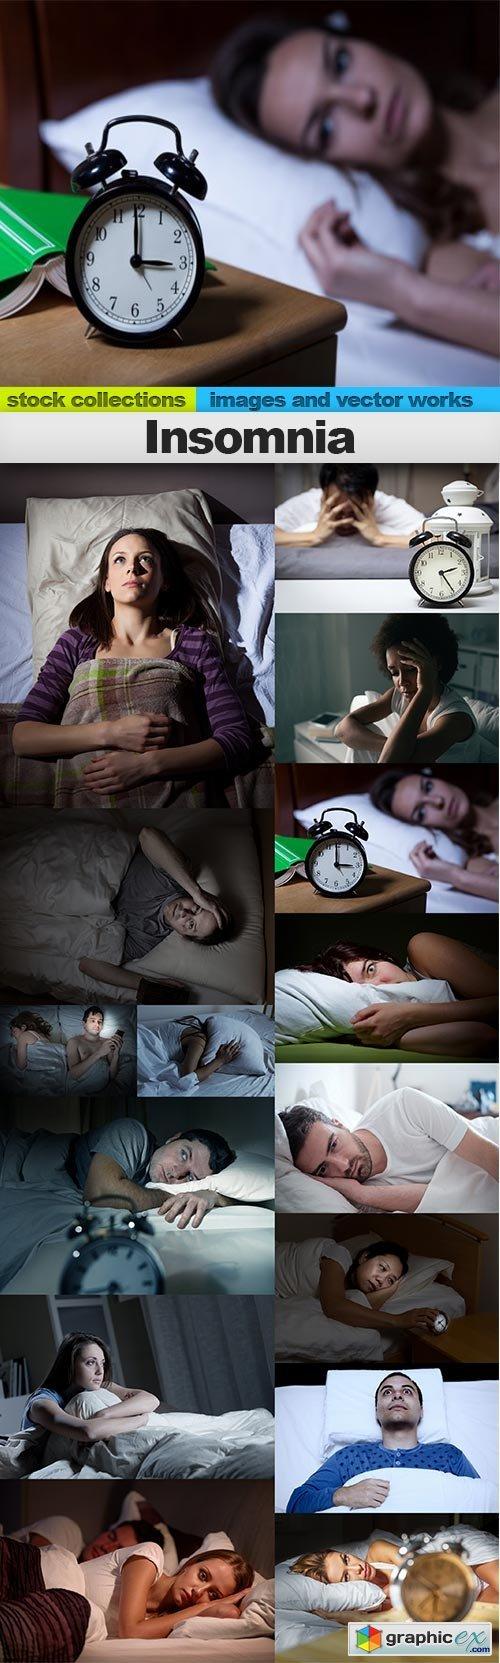 Insomnia, 15 x UHQ JPEG